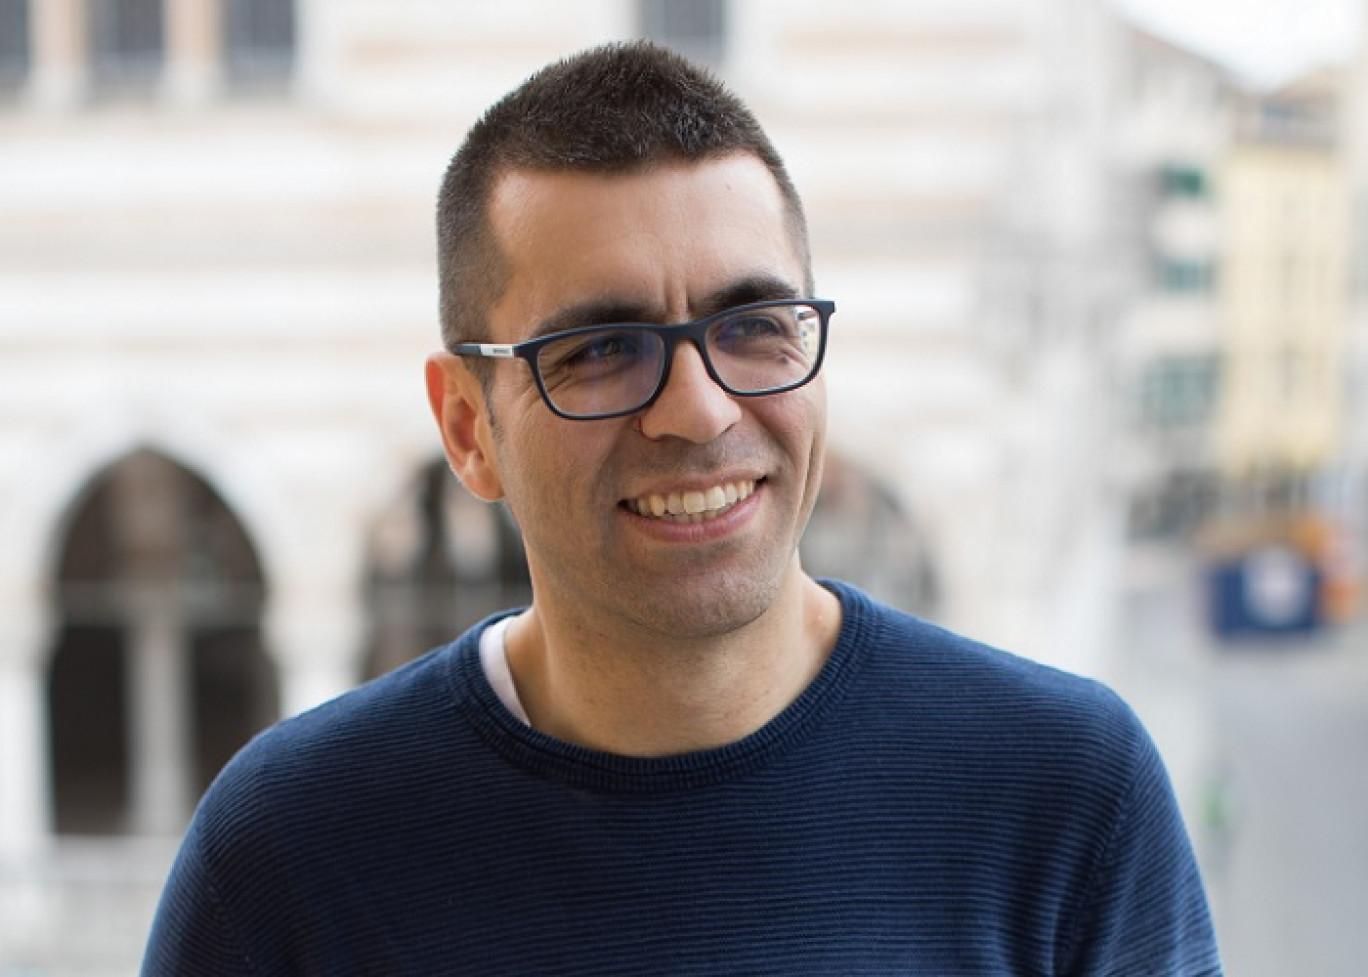 """David Puente in commissione anti fake news: da Di Pietro, passando per Casaleggio e Boldrini, una storia di """"specchiata imparzialità"""""""